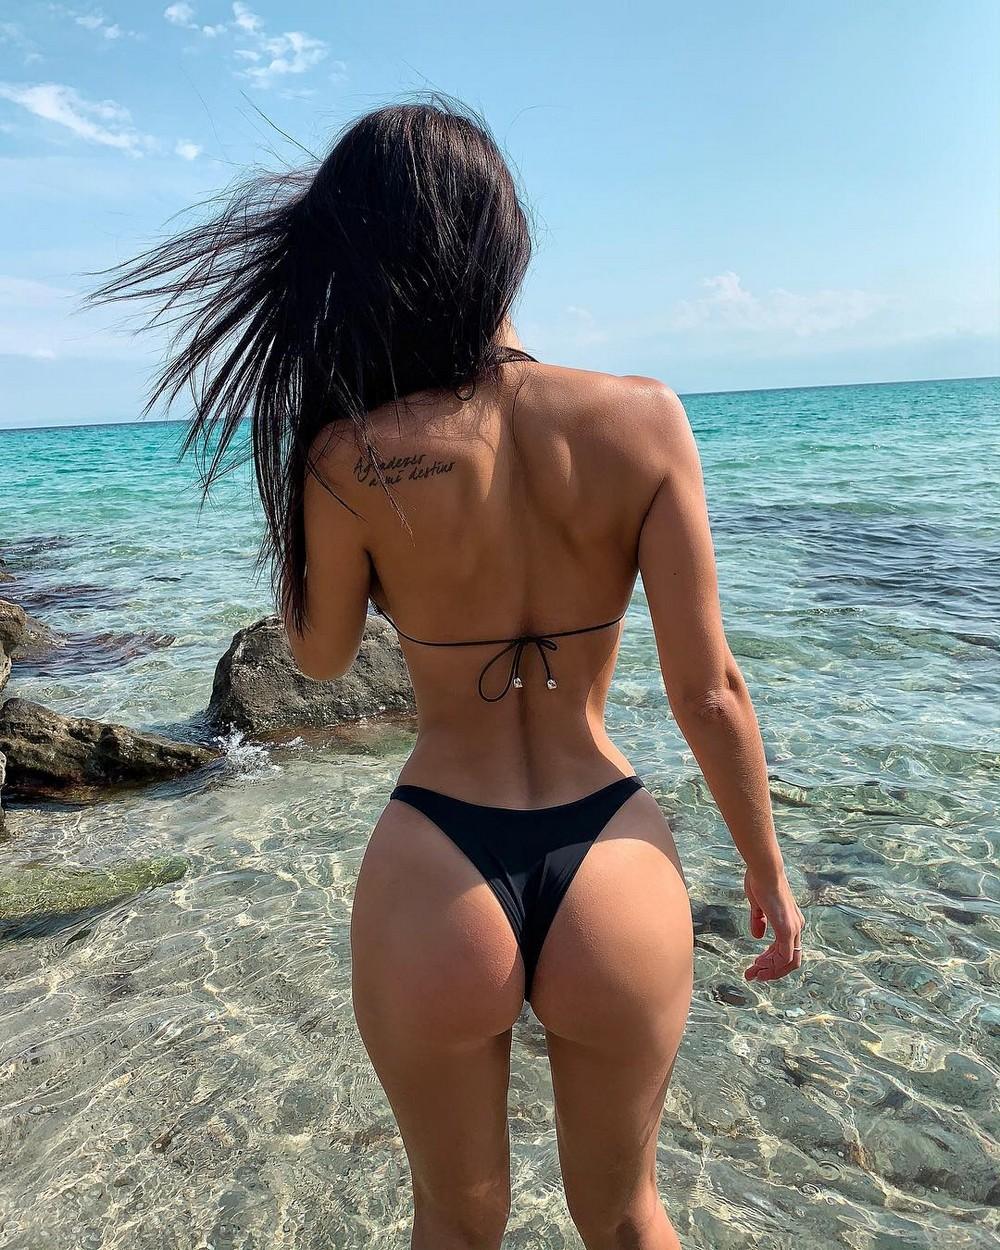 это красивые русские девушки в купальниках вид со спины говорю, знаете